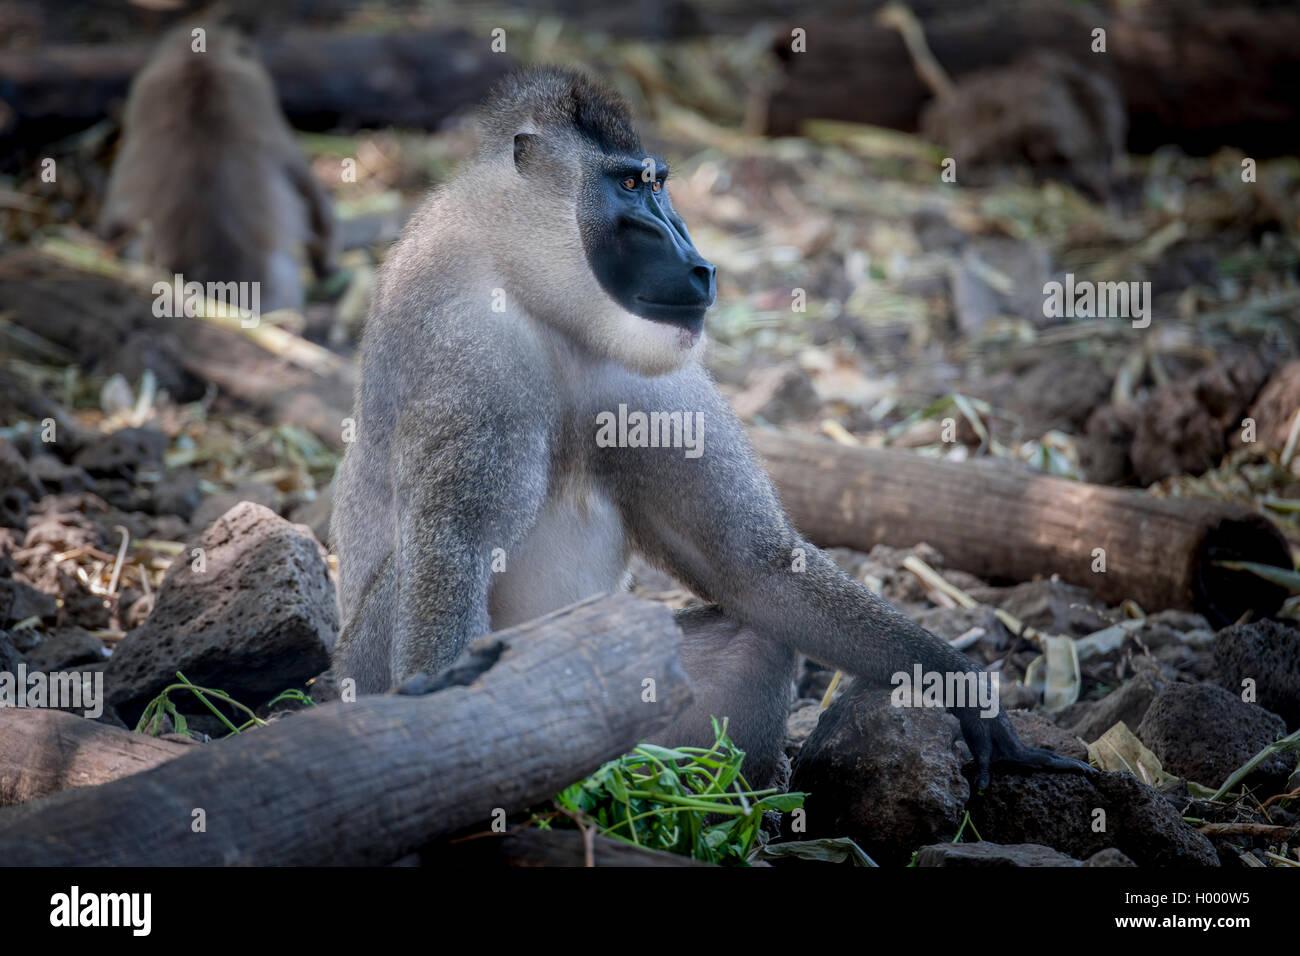 Drill (Mandrillus leucophaeus), Primatenart aus der Familie der Meerkatzenverwandten. Zusammen mit dem Mandrill Stock Photo